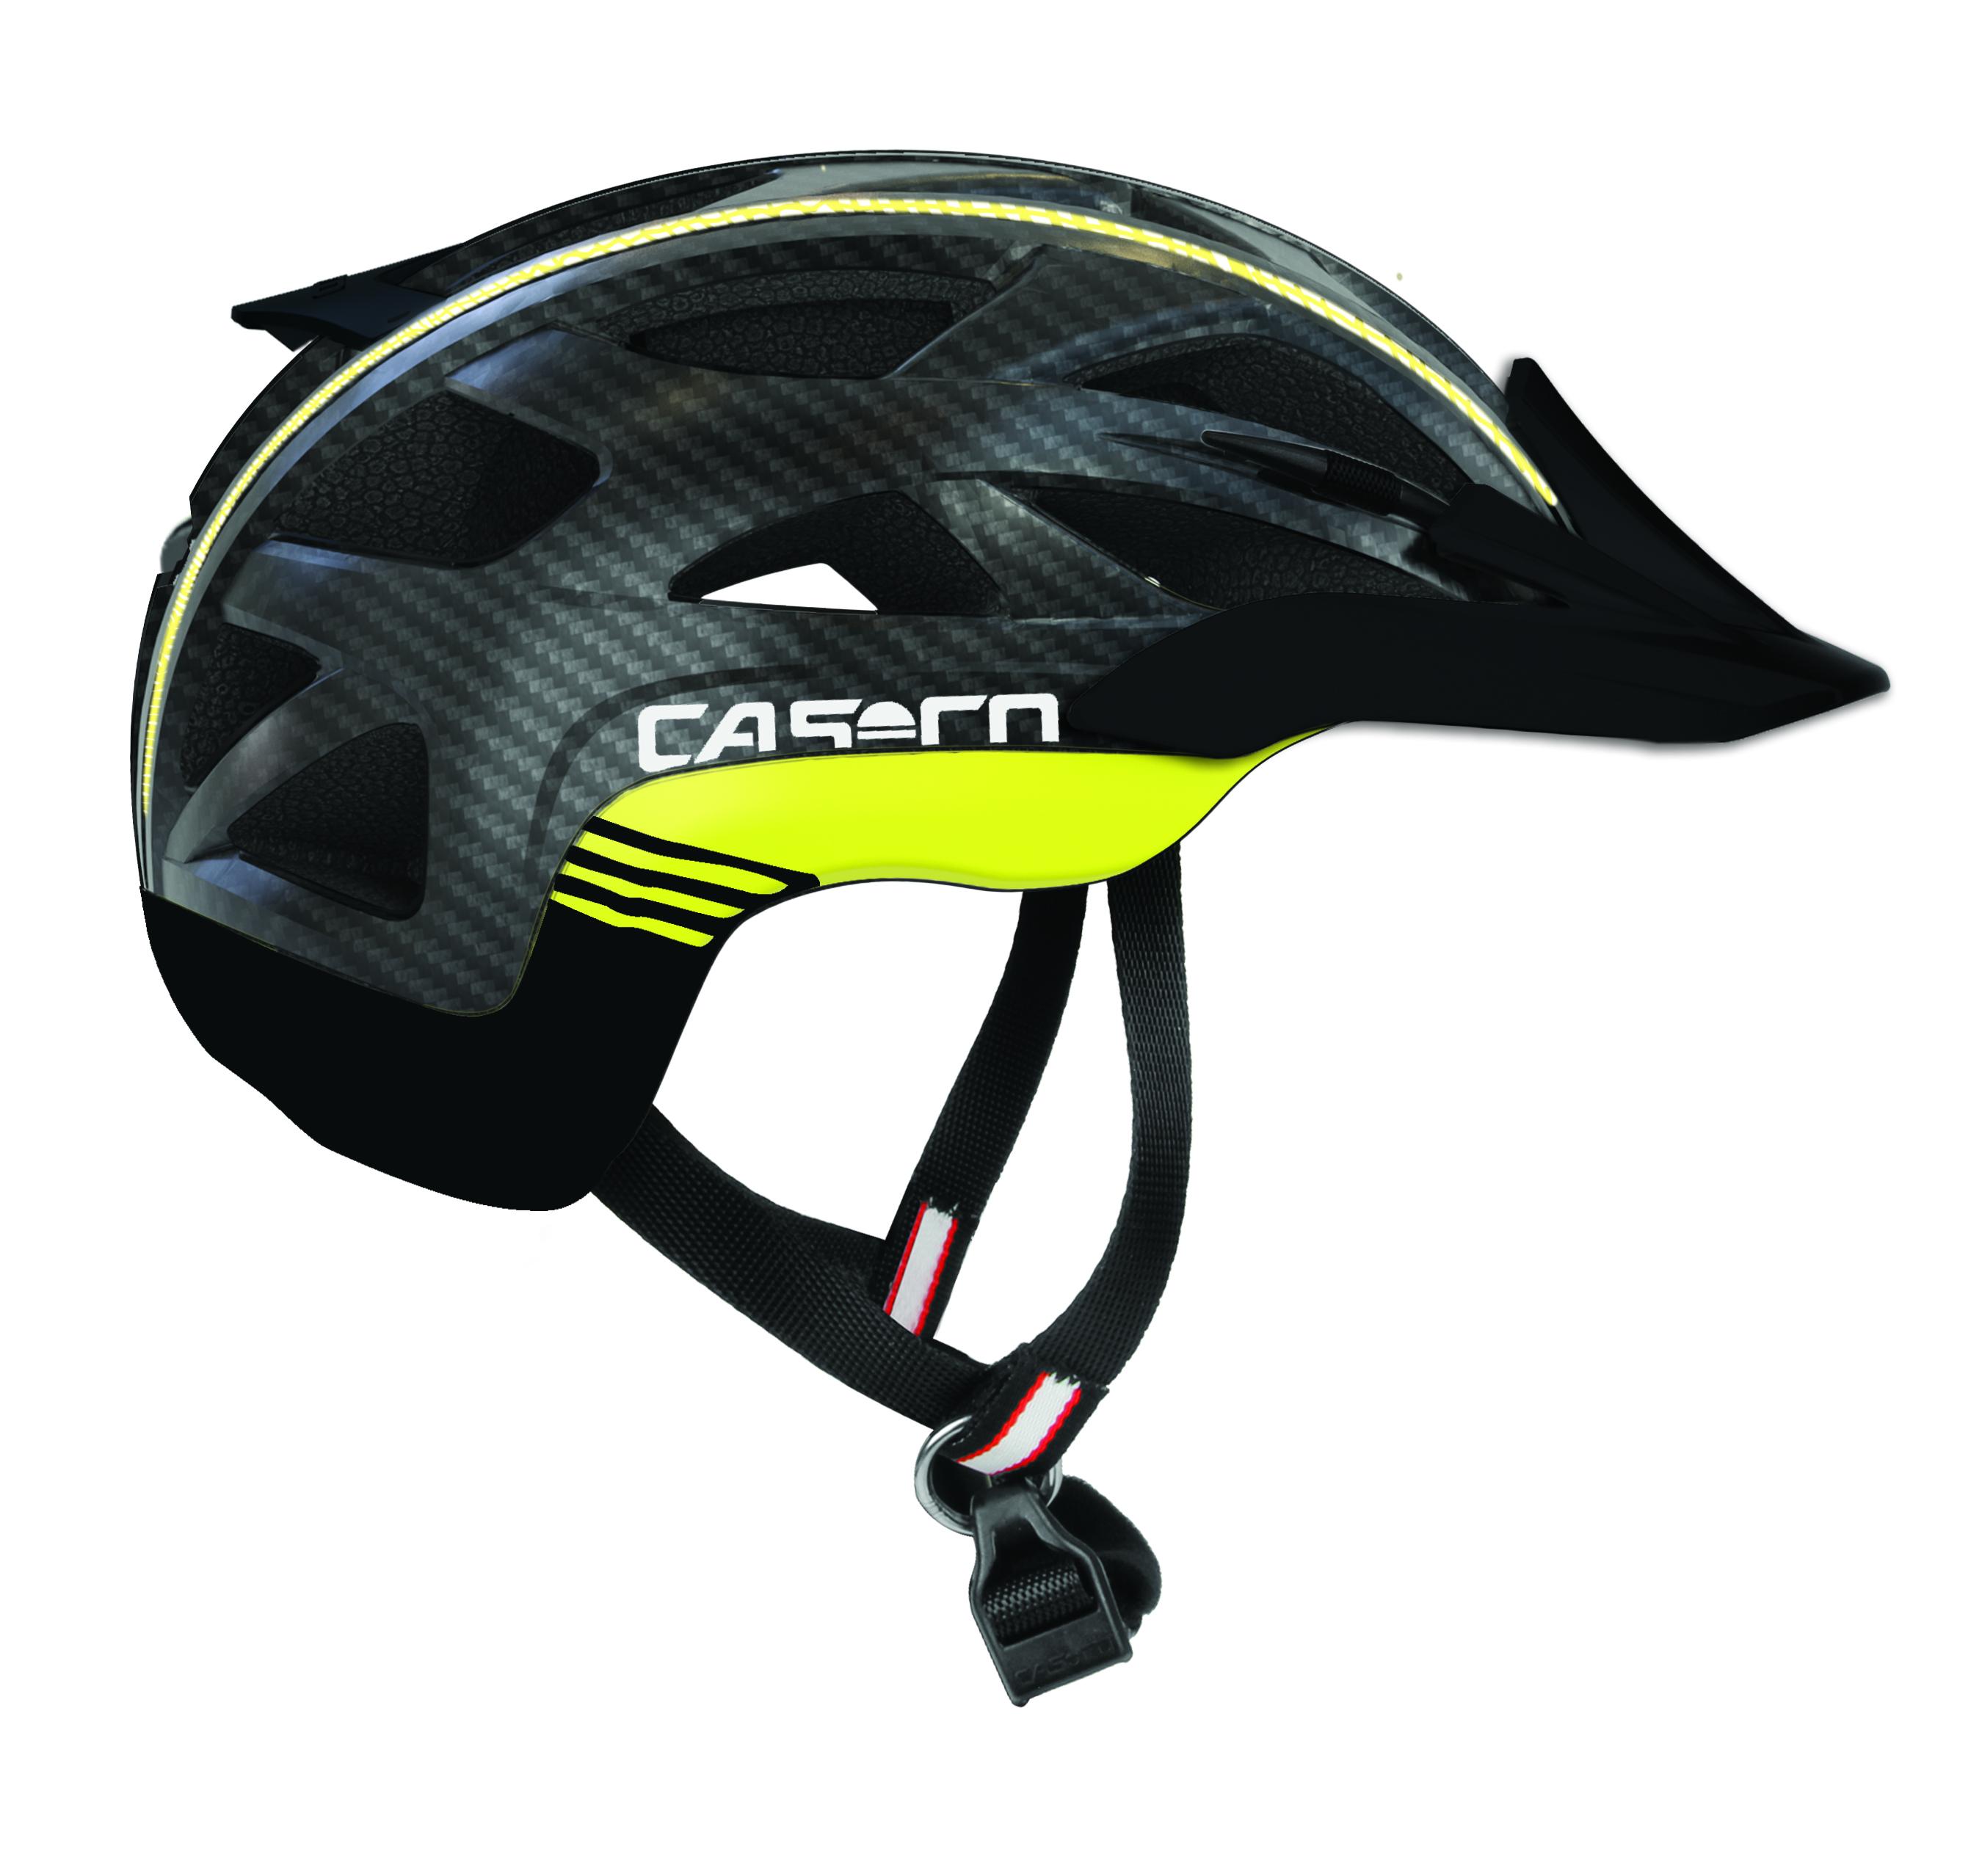 Casco ACTIV 2, kolesarska čelada, črna